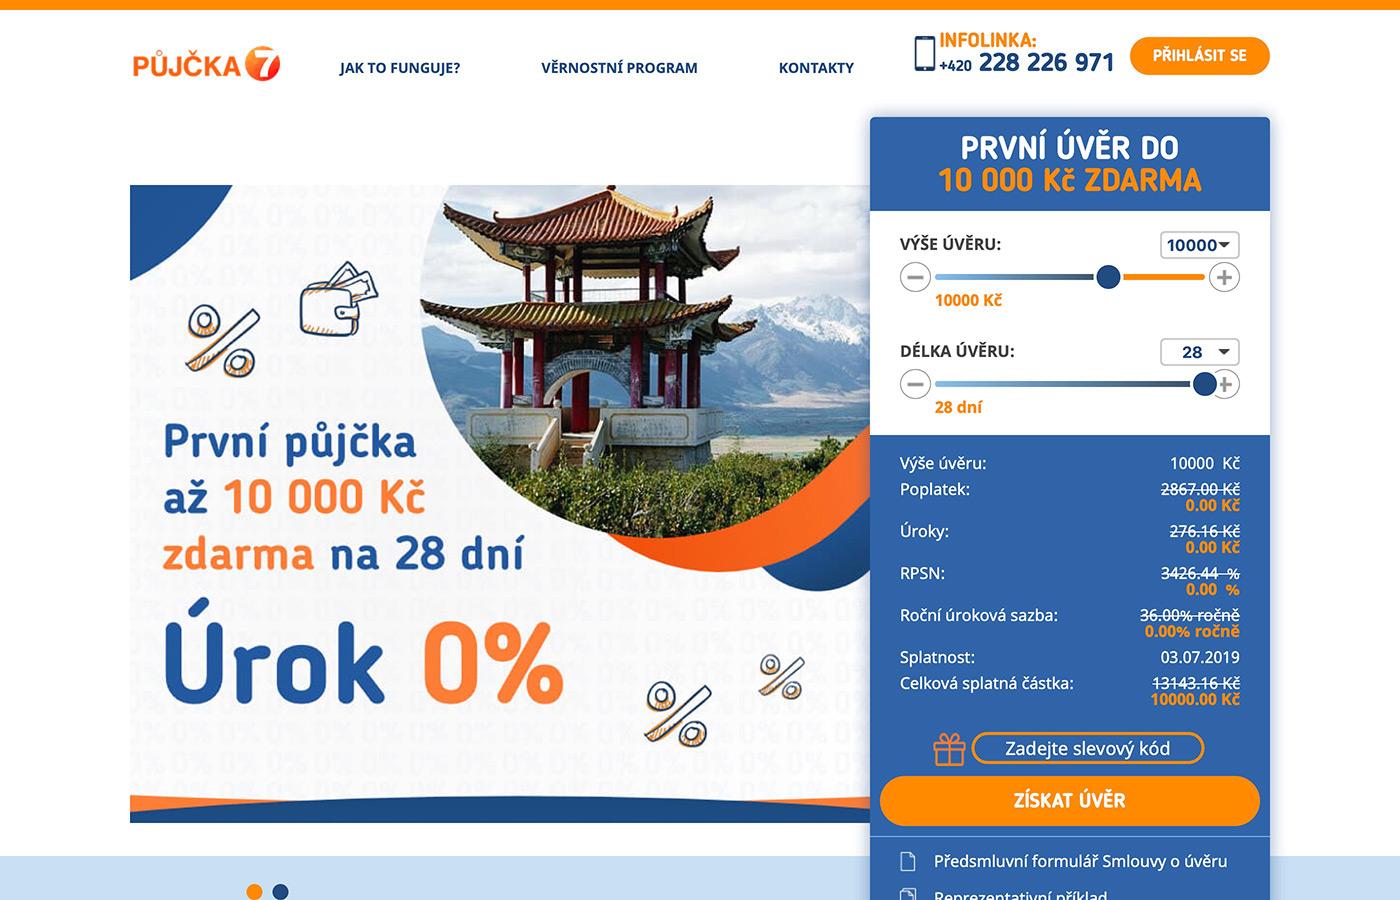 Náhled webových stránek www.pujcka7.cz